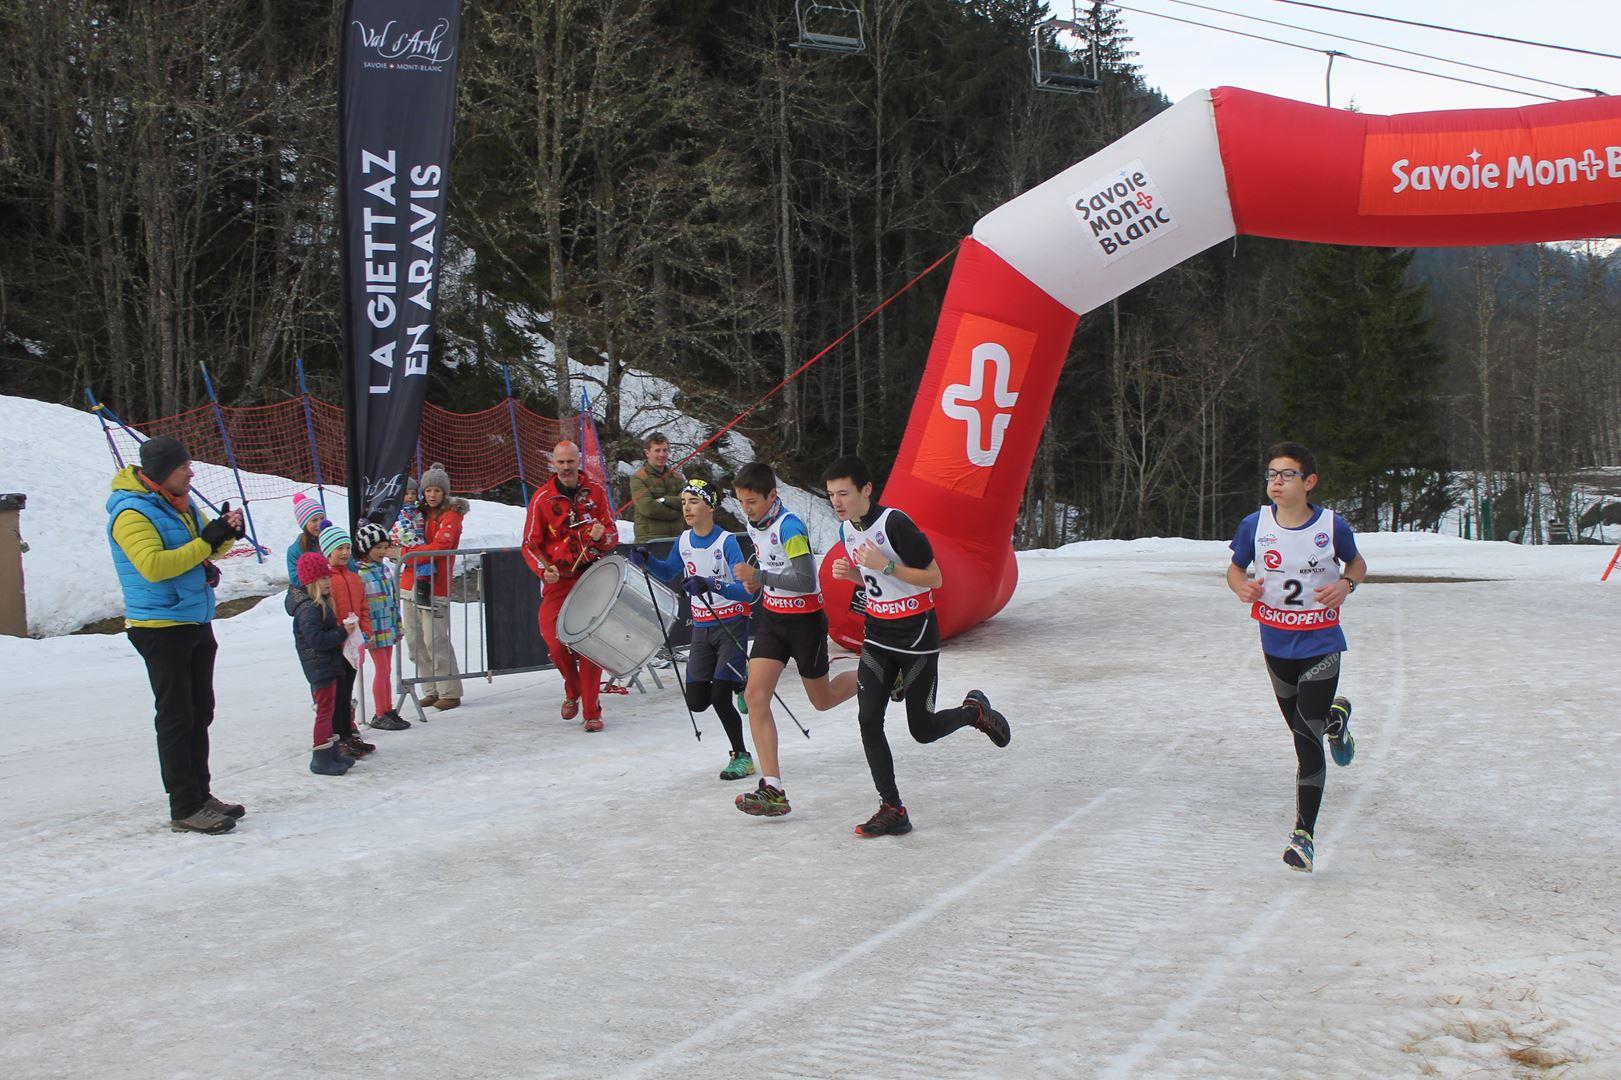 départ de la course jeunes - RESULTATS ET REPORTAGE SUR LA 8EME EDITION DE l'ARAVIS SNOW TRAIL  (LA GIETTAZ 73)